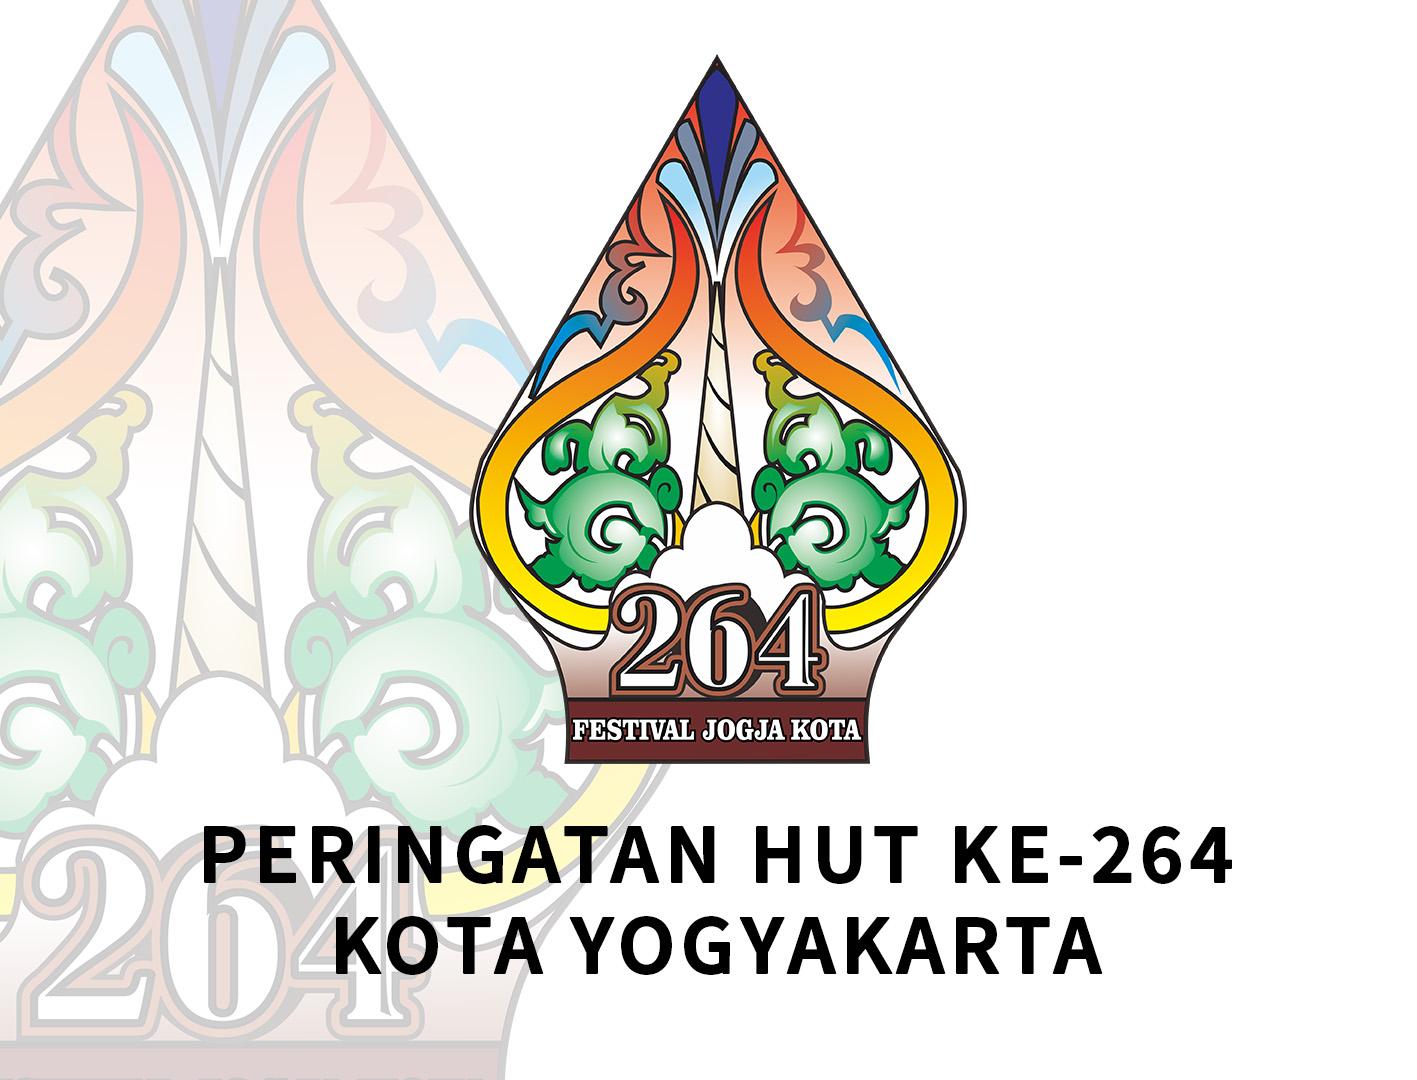 Dirgahayu ke-264 Kota Yogyakarta